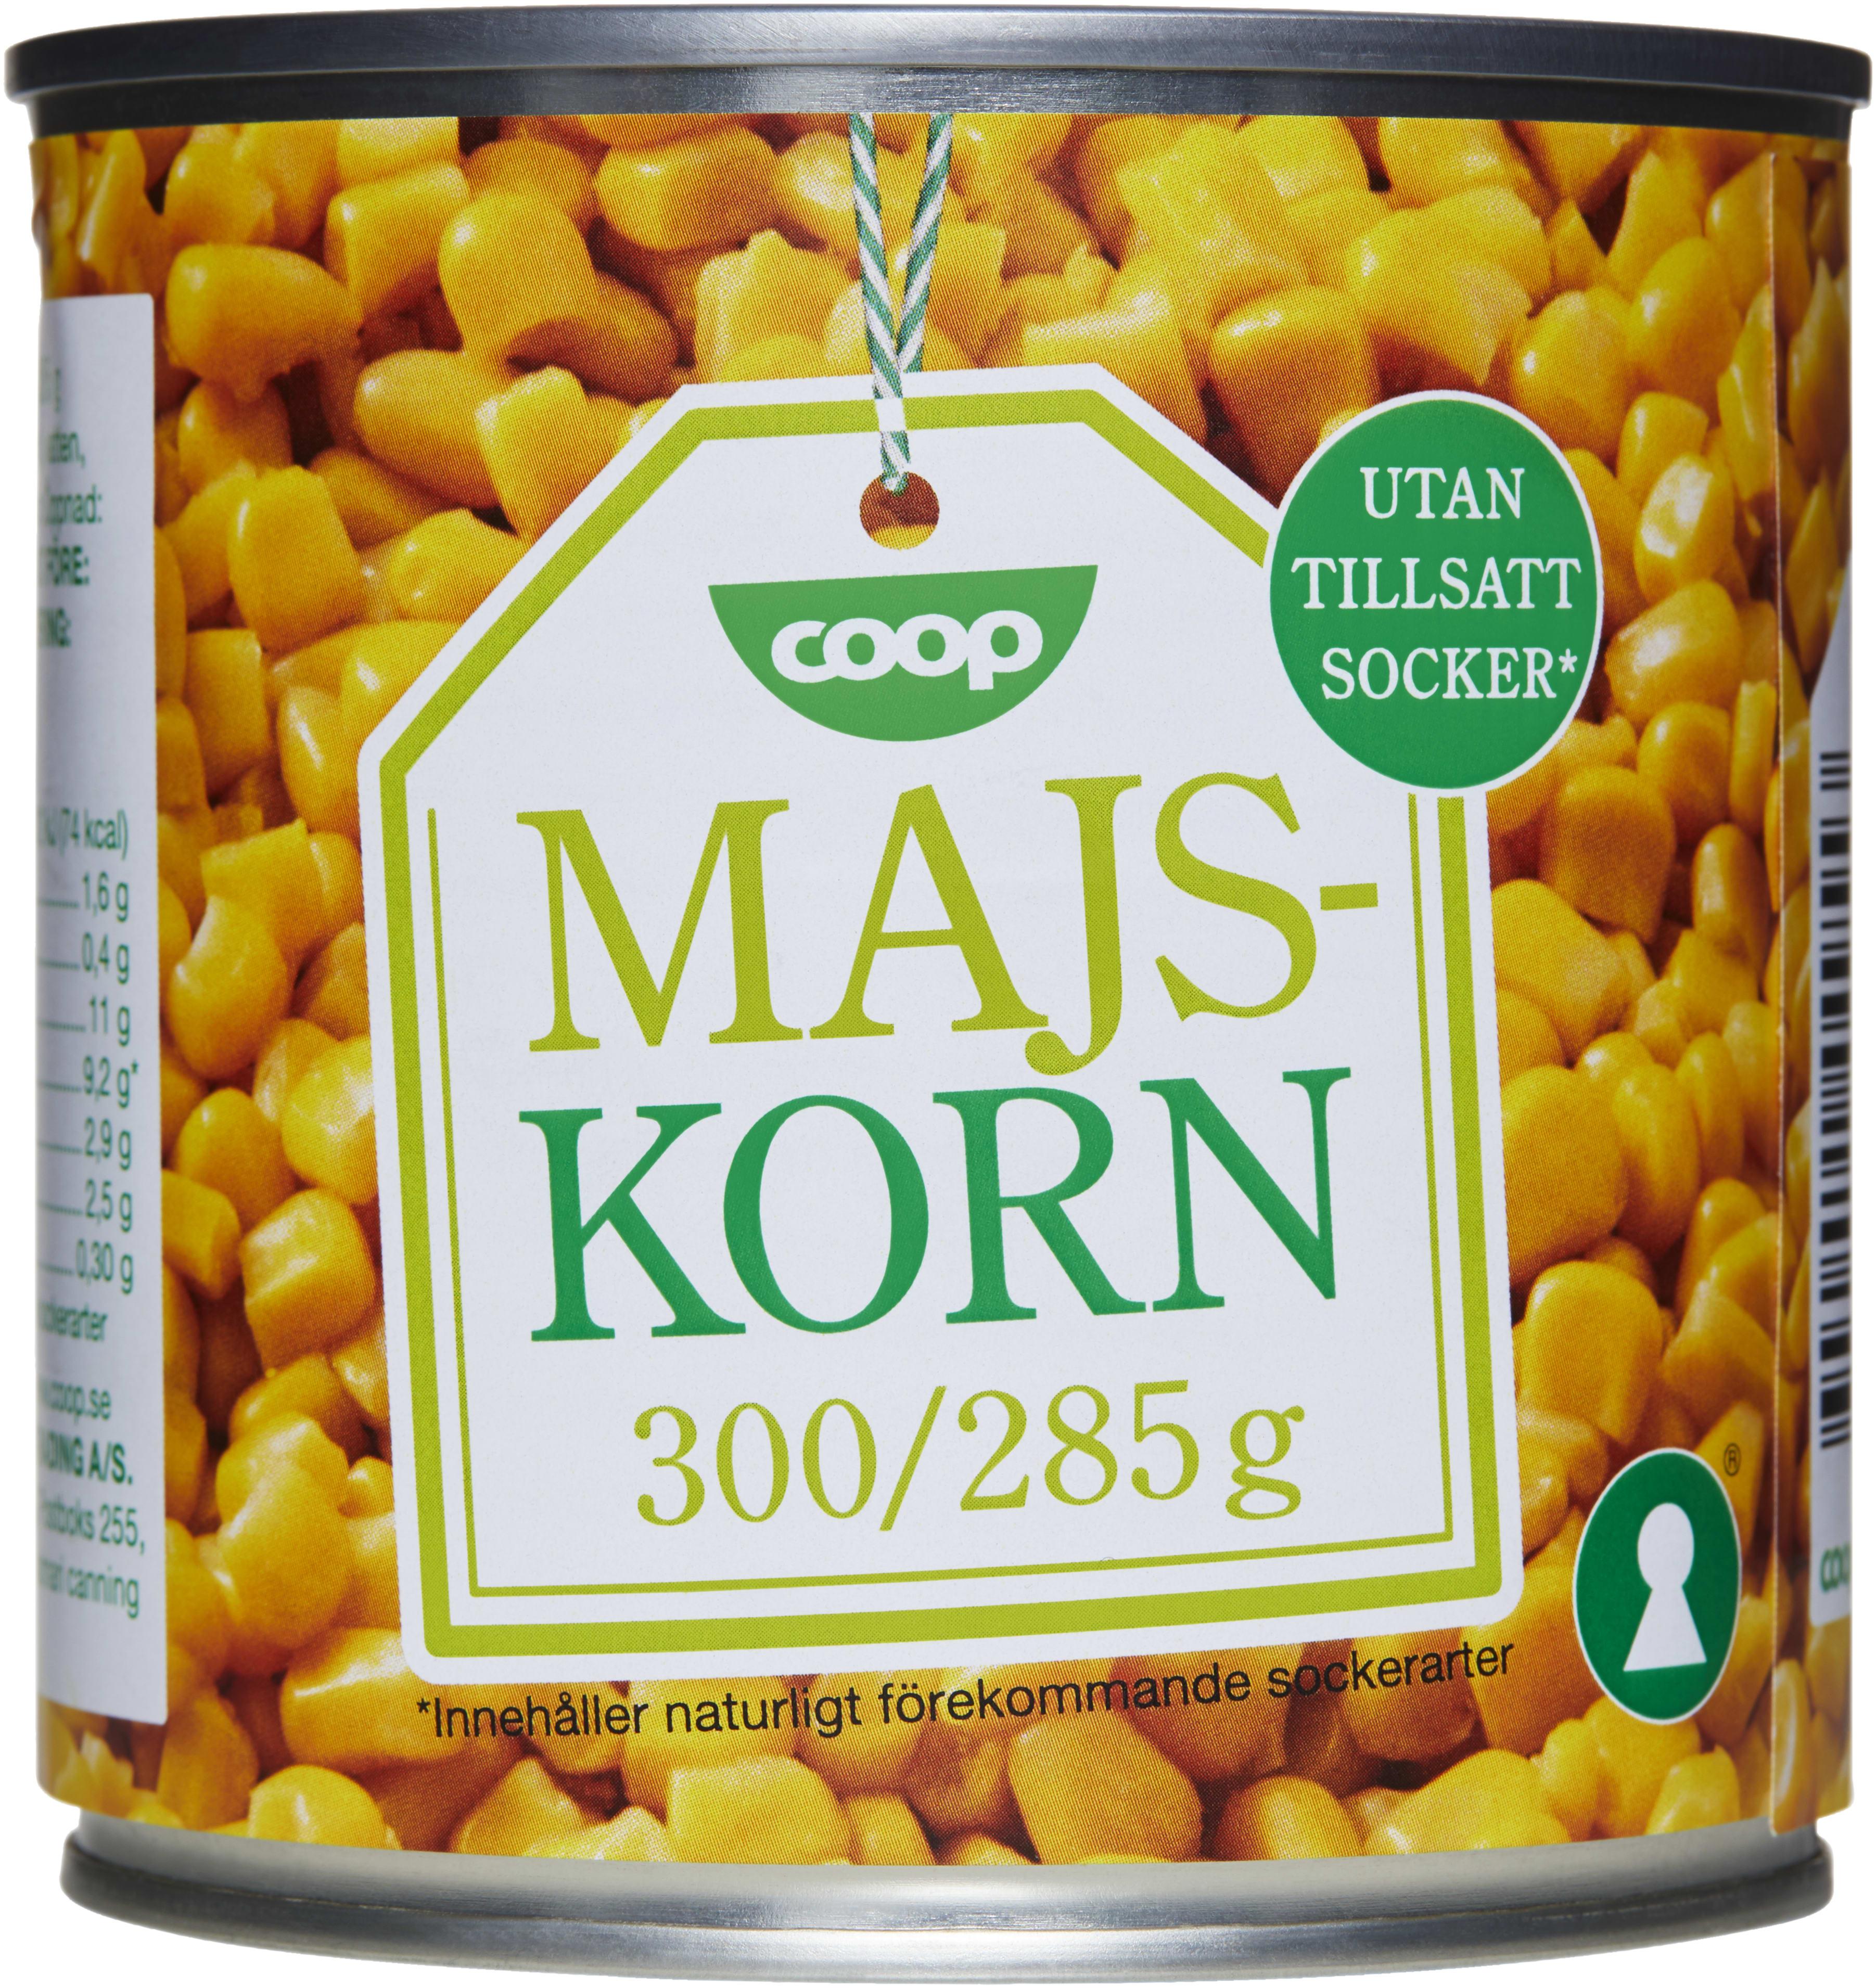 majs på burk